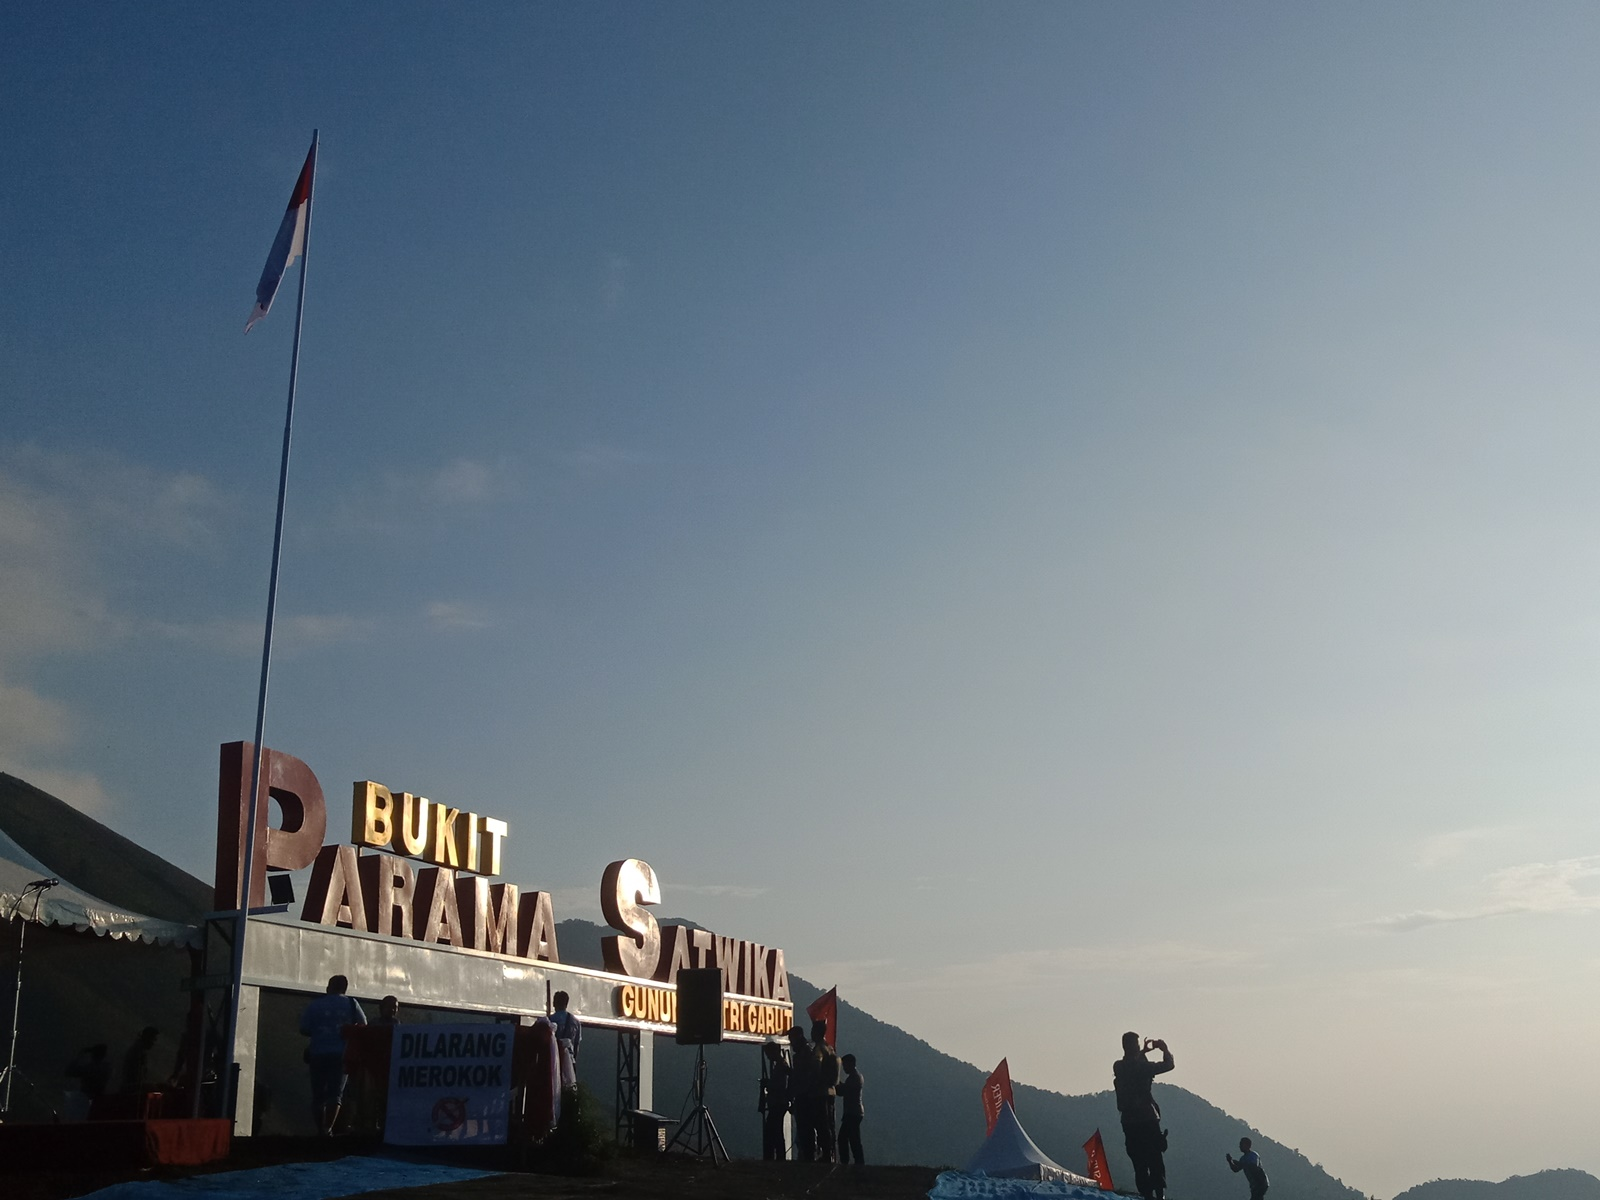 Bukit Parama Satwika